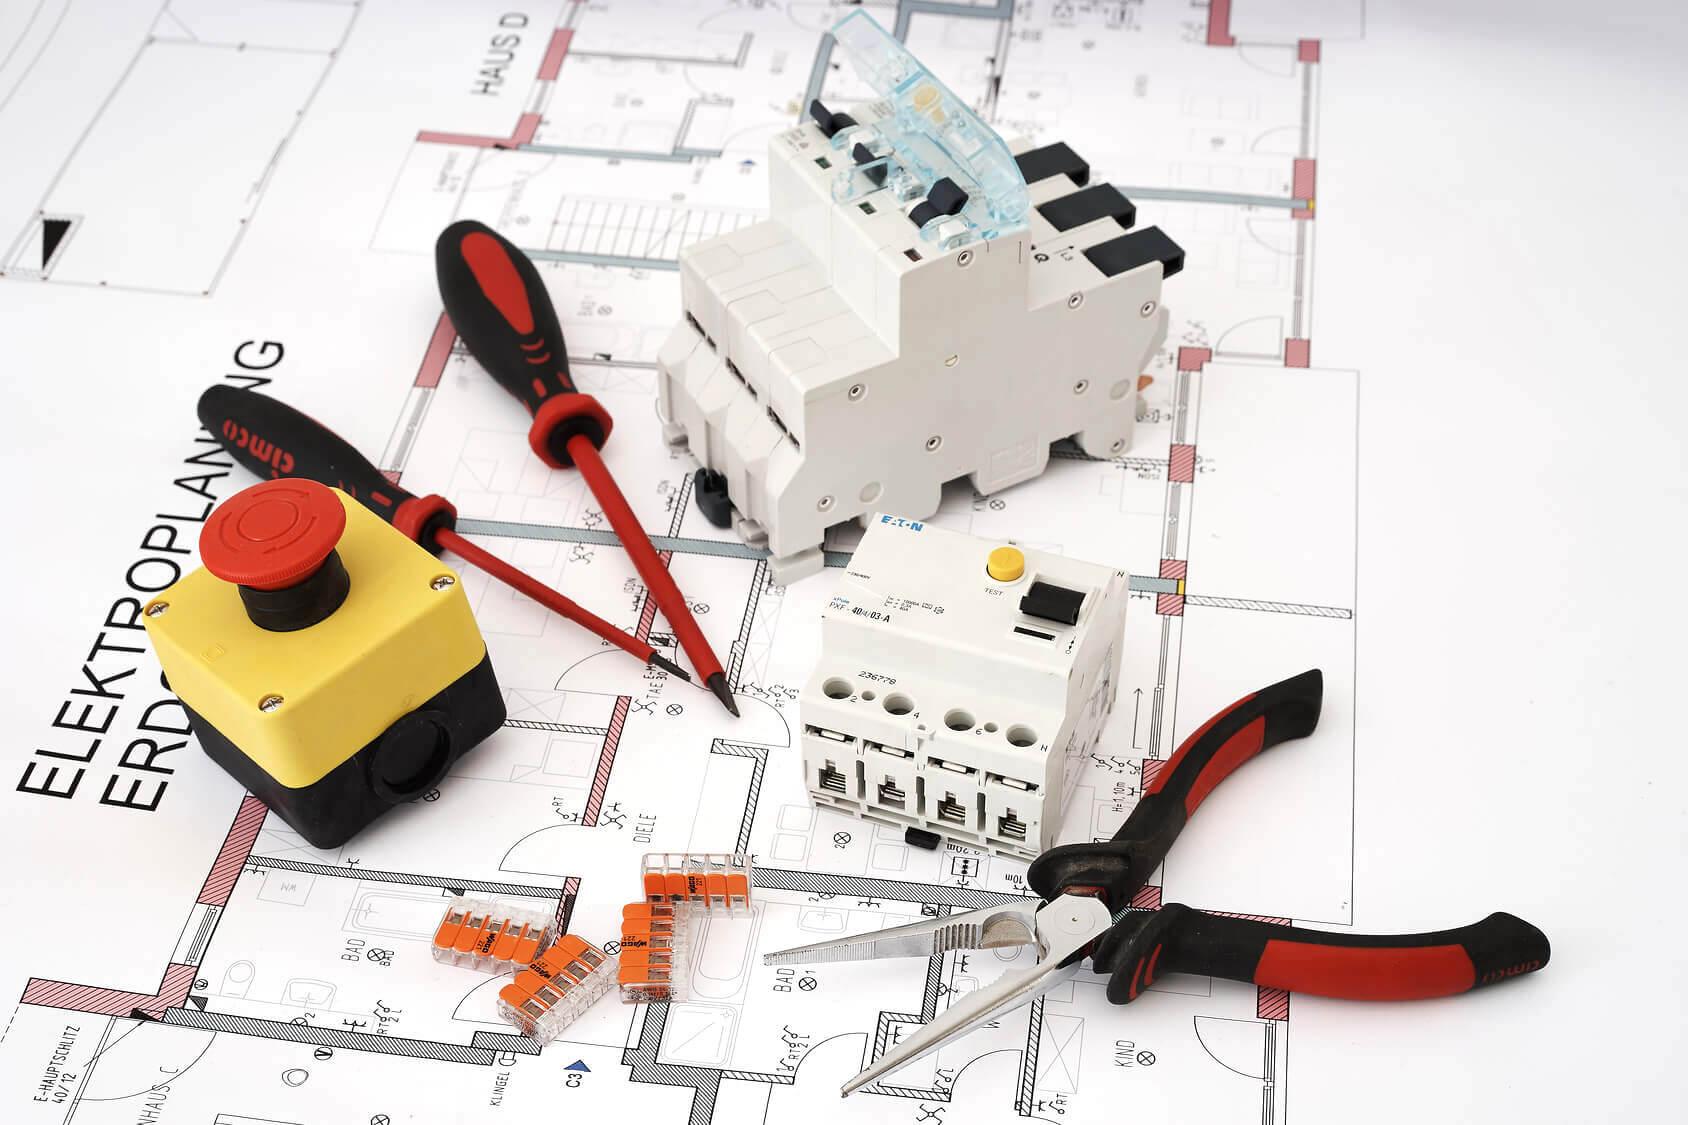 Projektierung, S7, SPS-Programmierung, TIA-Portal und Schaltanlagenbau Hannover